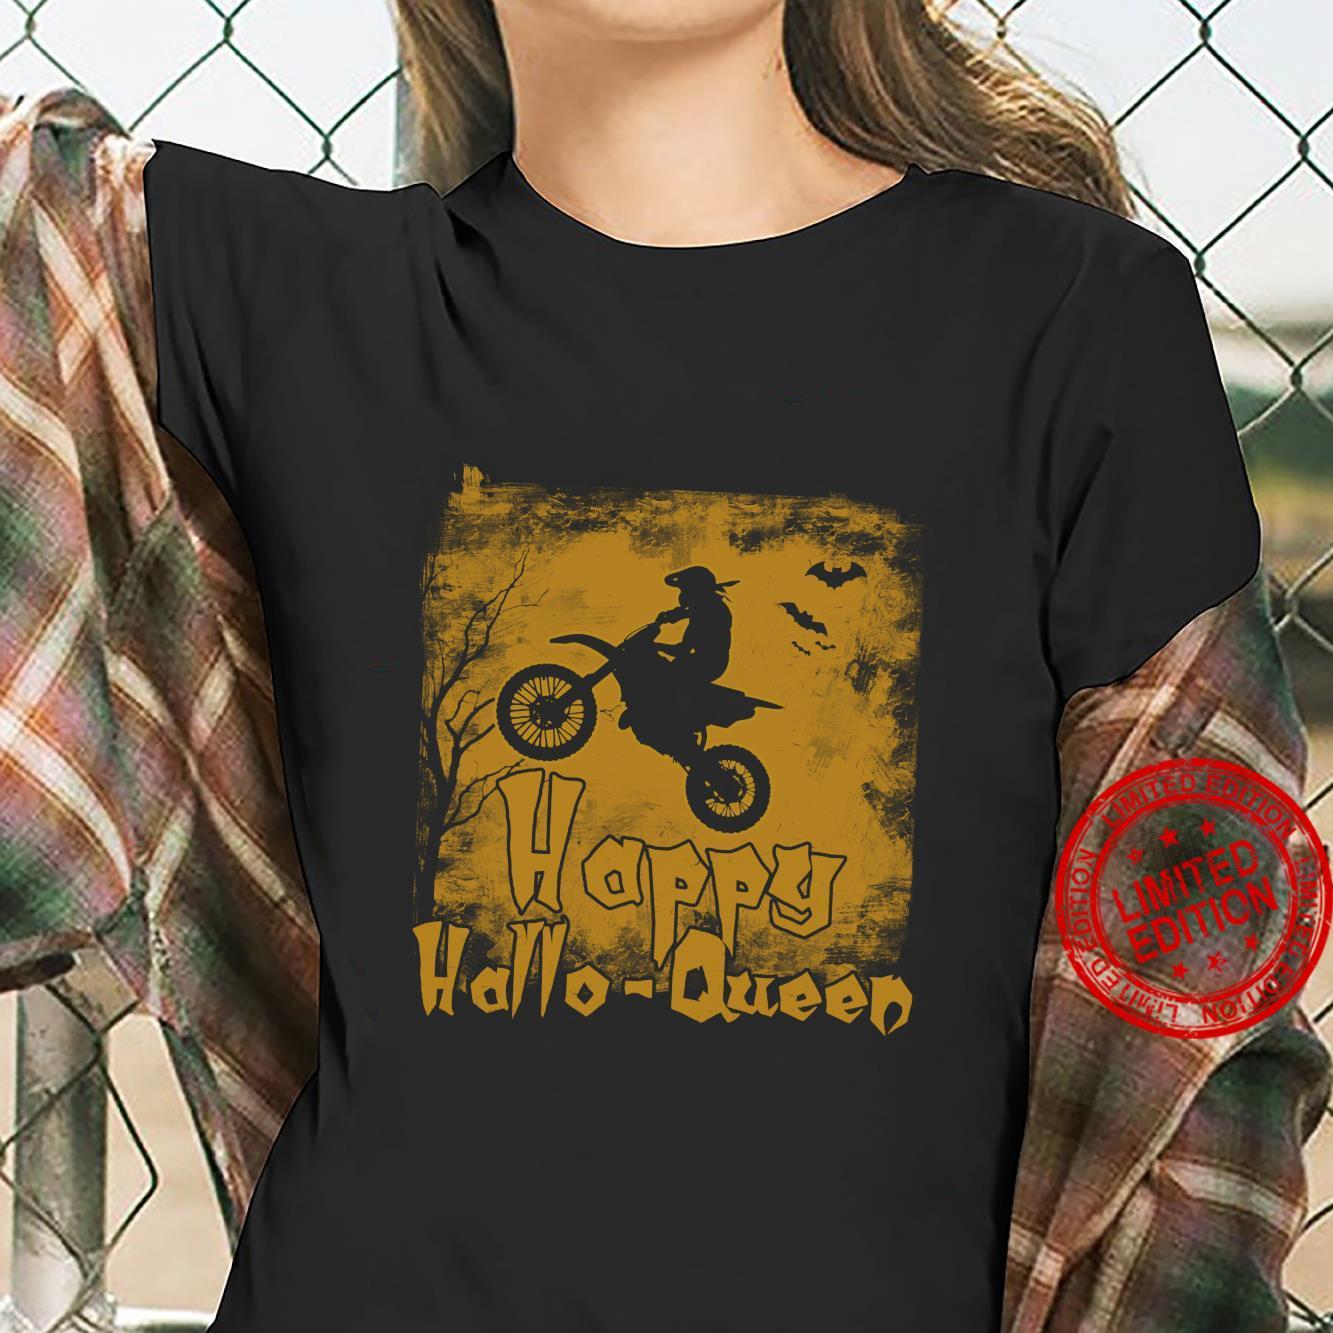 Women Motocross Happy Hallo-Queen Shirt ladies tee